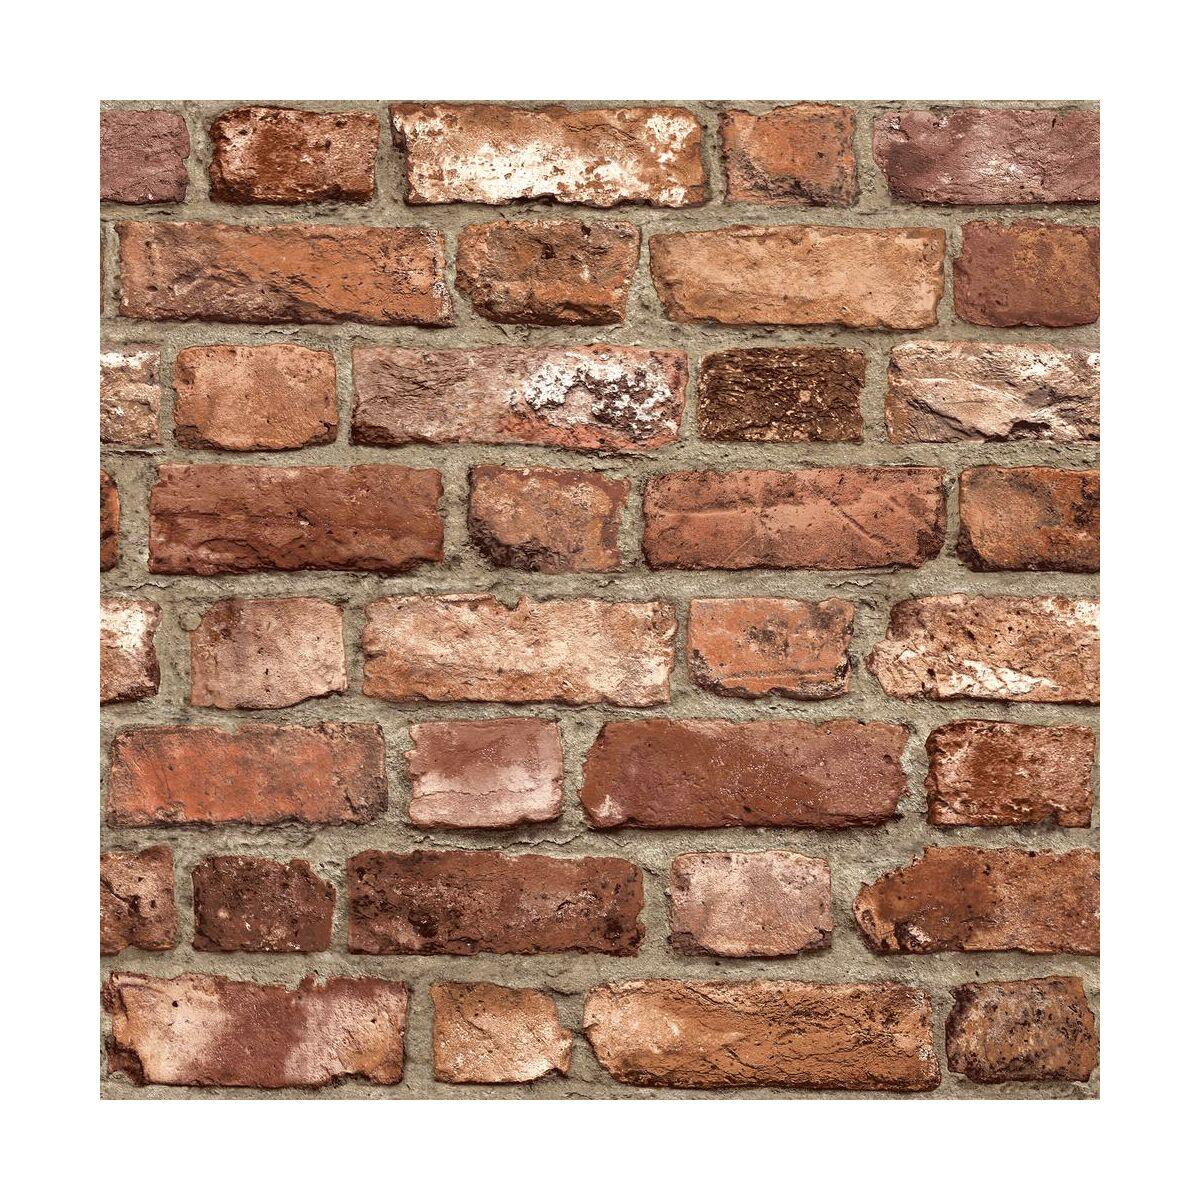 Tapeta Vintage Brick 3d Czerwona Imitacja Cegly Winylowa Na Flizelinie Tapety W Atrakcyjnej Cenie W Sklepach Leroy Merlin